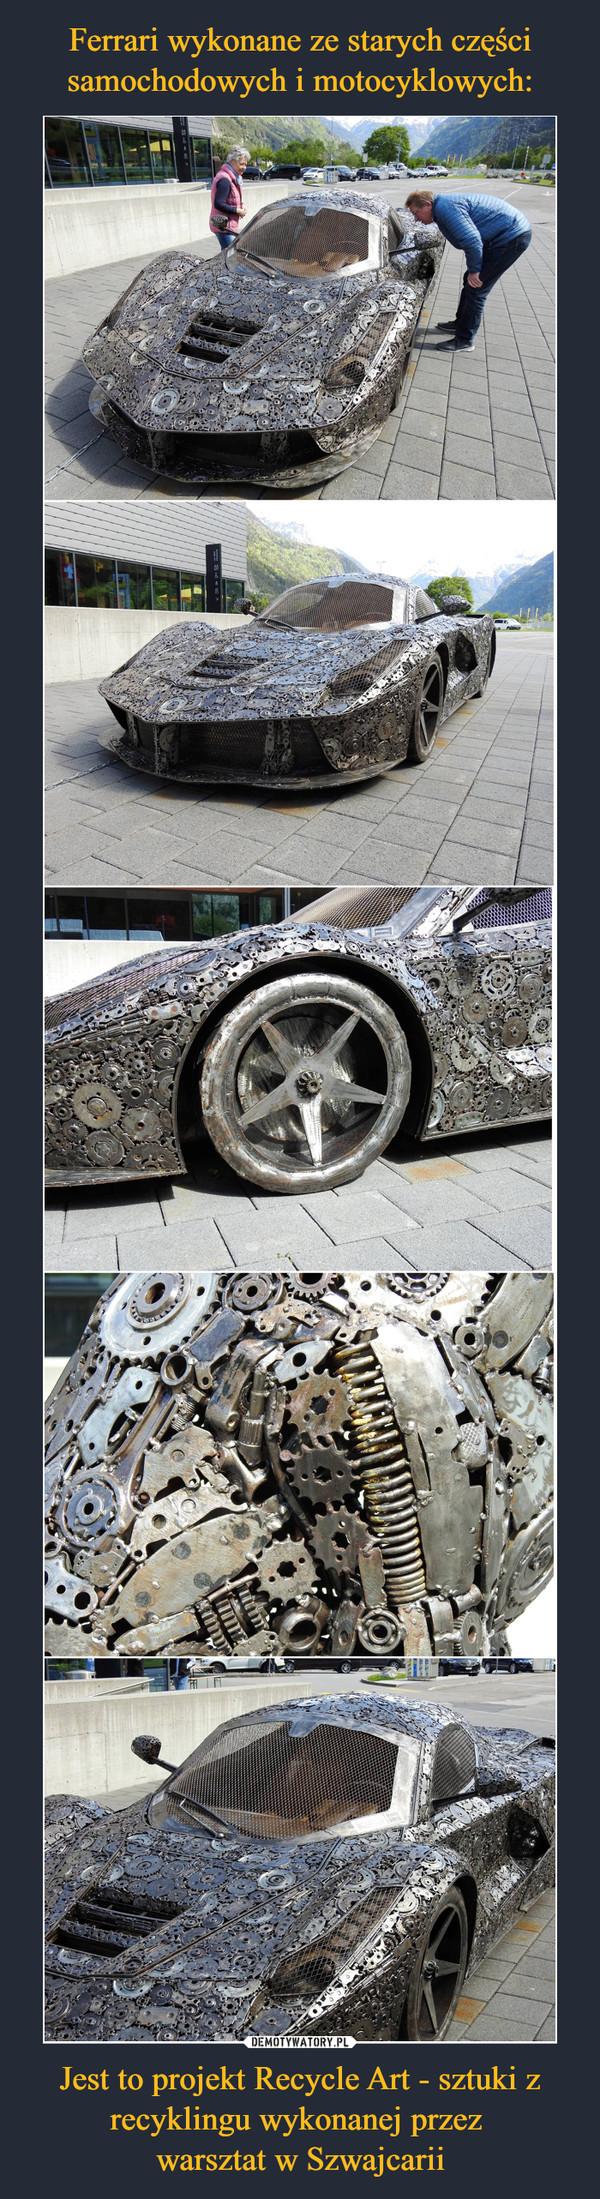 Jest to projekt Recycle Art - sztuki z recyklingu wykonanej przez warsztat w Szwajcarii –